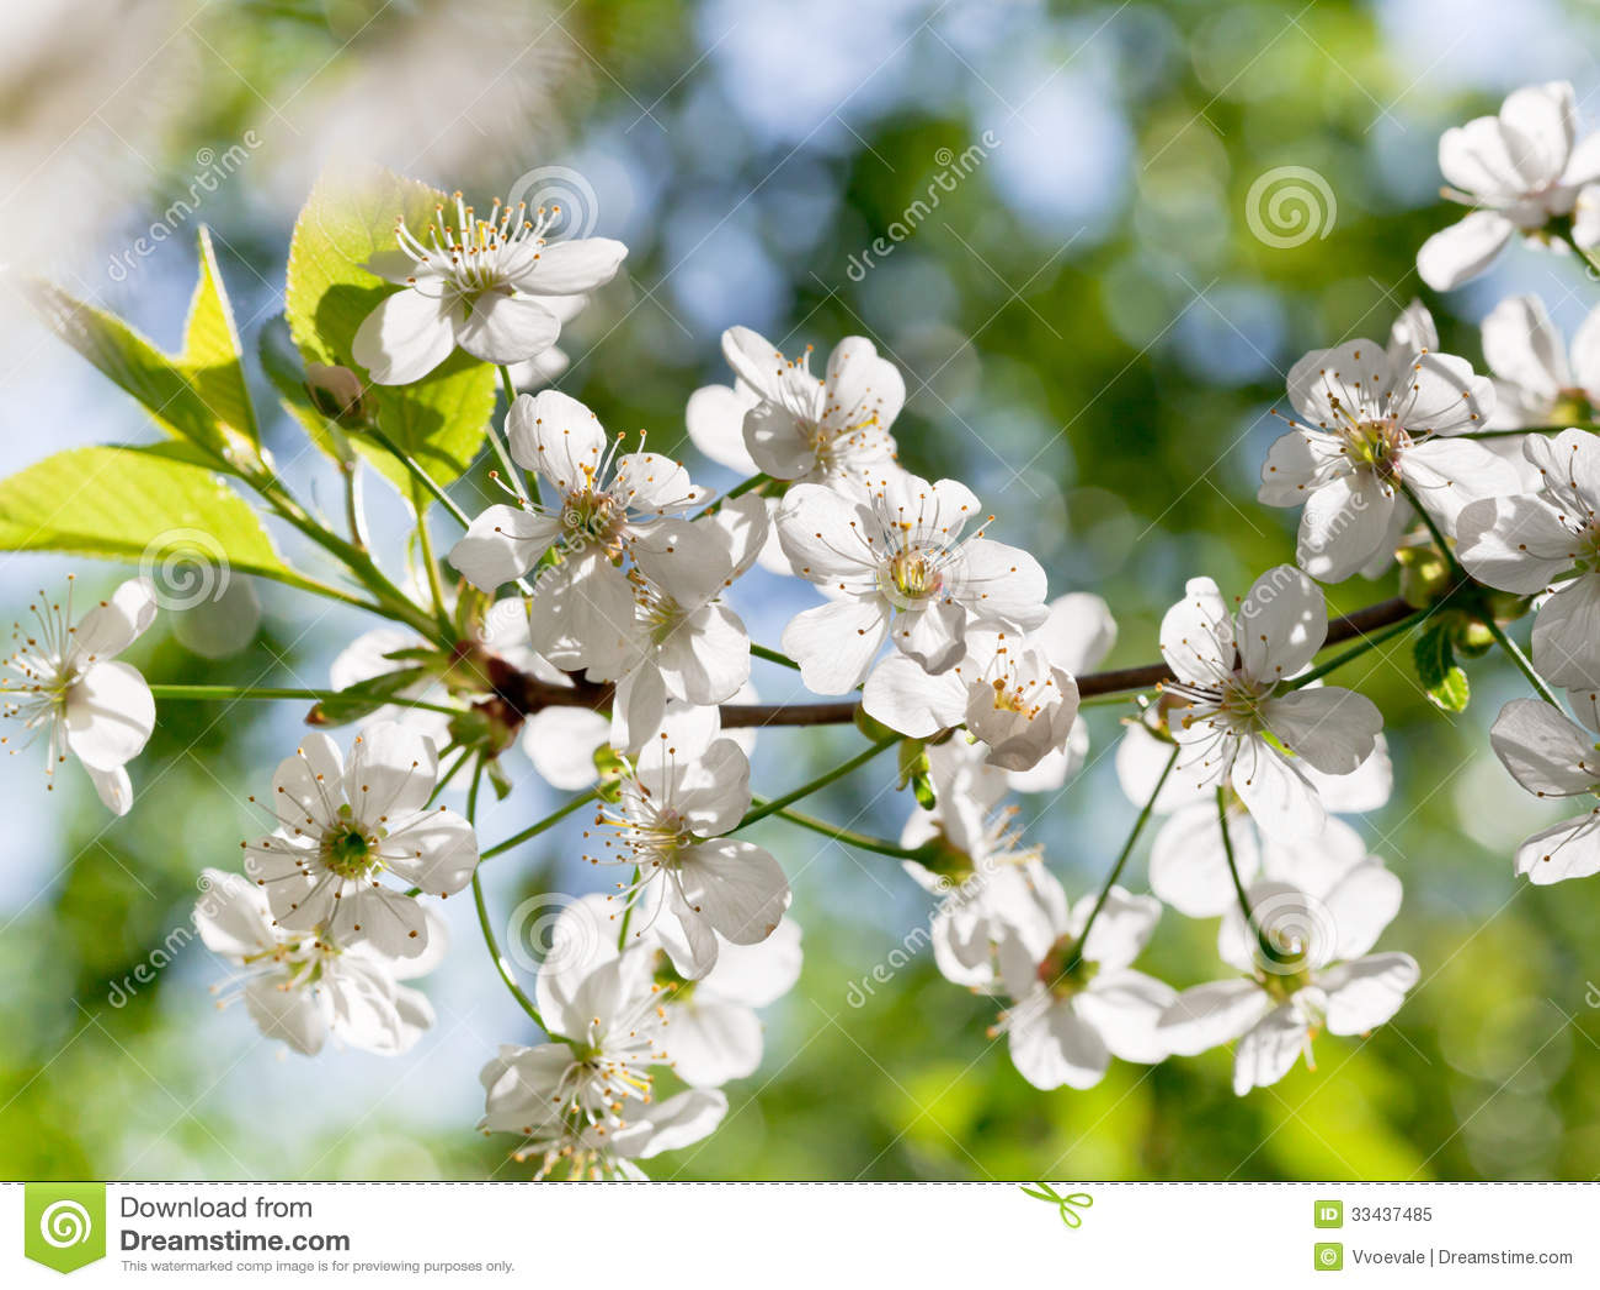 Albero Con Fiori Bianchi tree brunch with white spring blossoms stock image - image